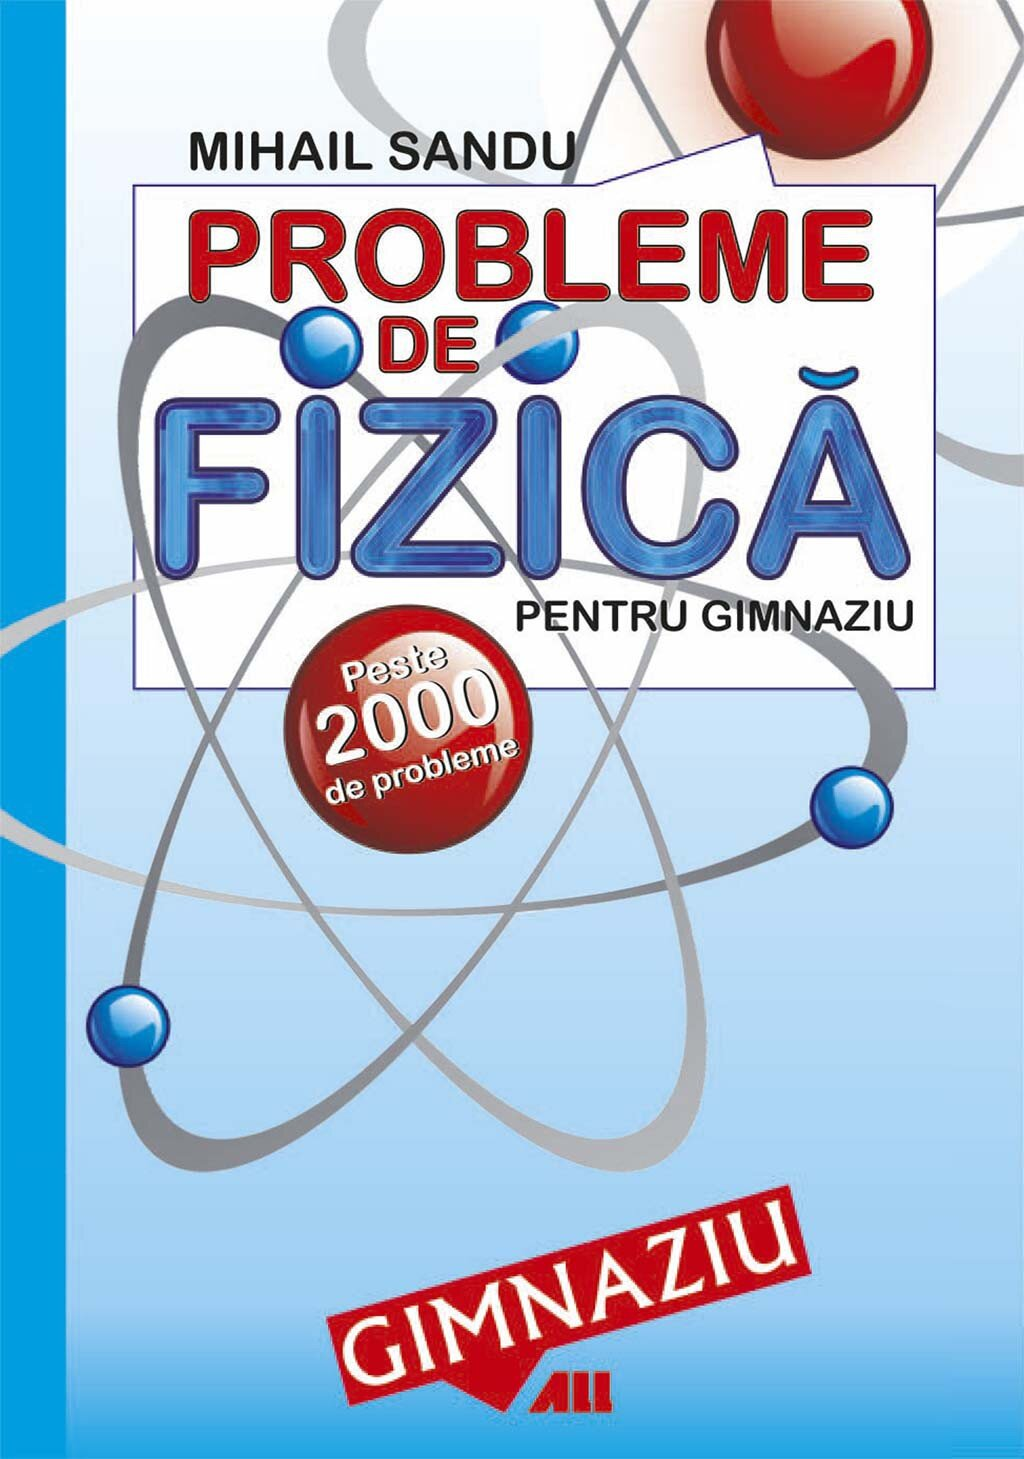 Probleme de fizica pentru gimnaziu. Peste 2000 de probleme (eBook)